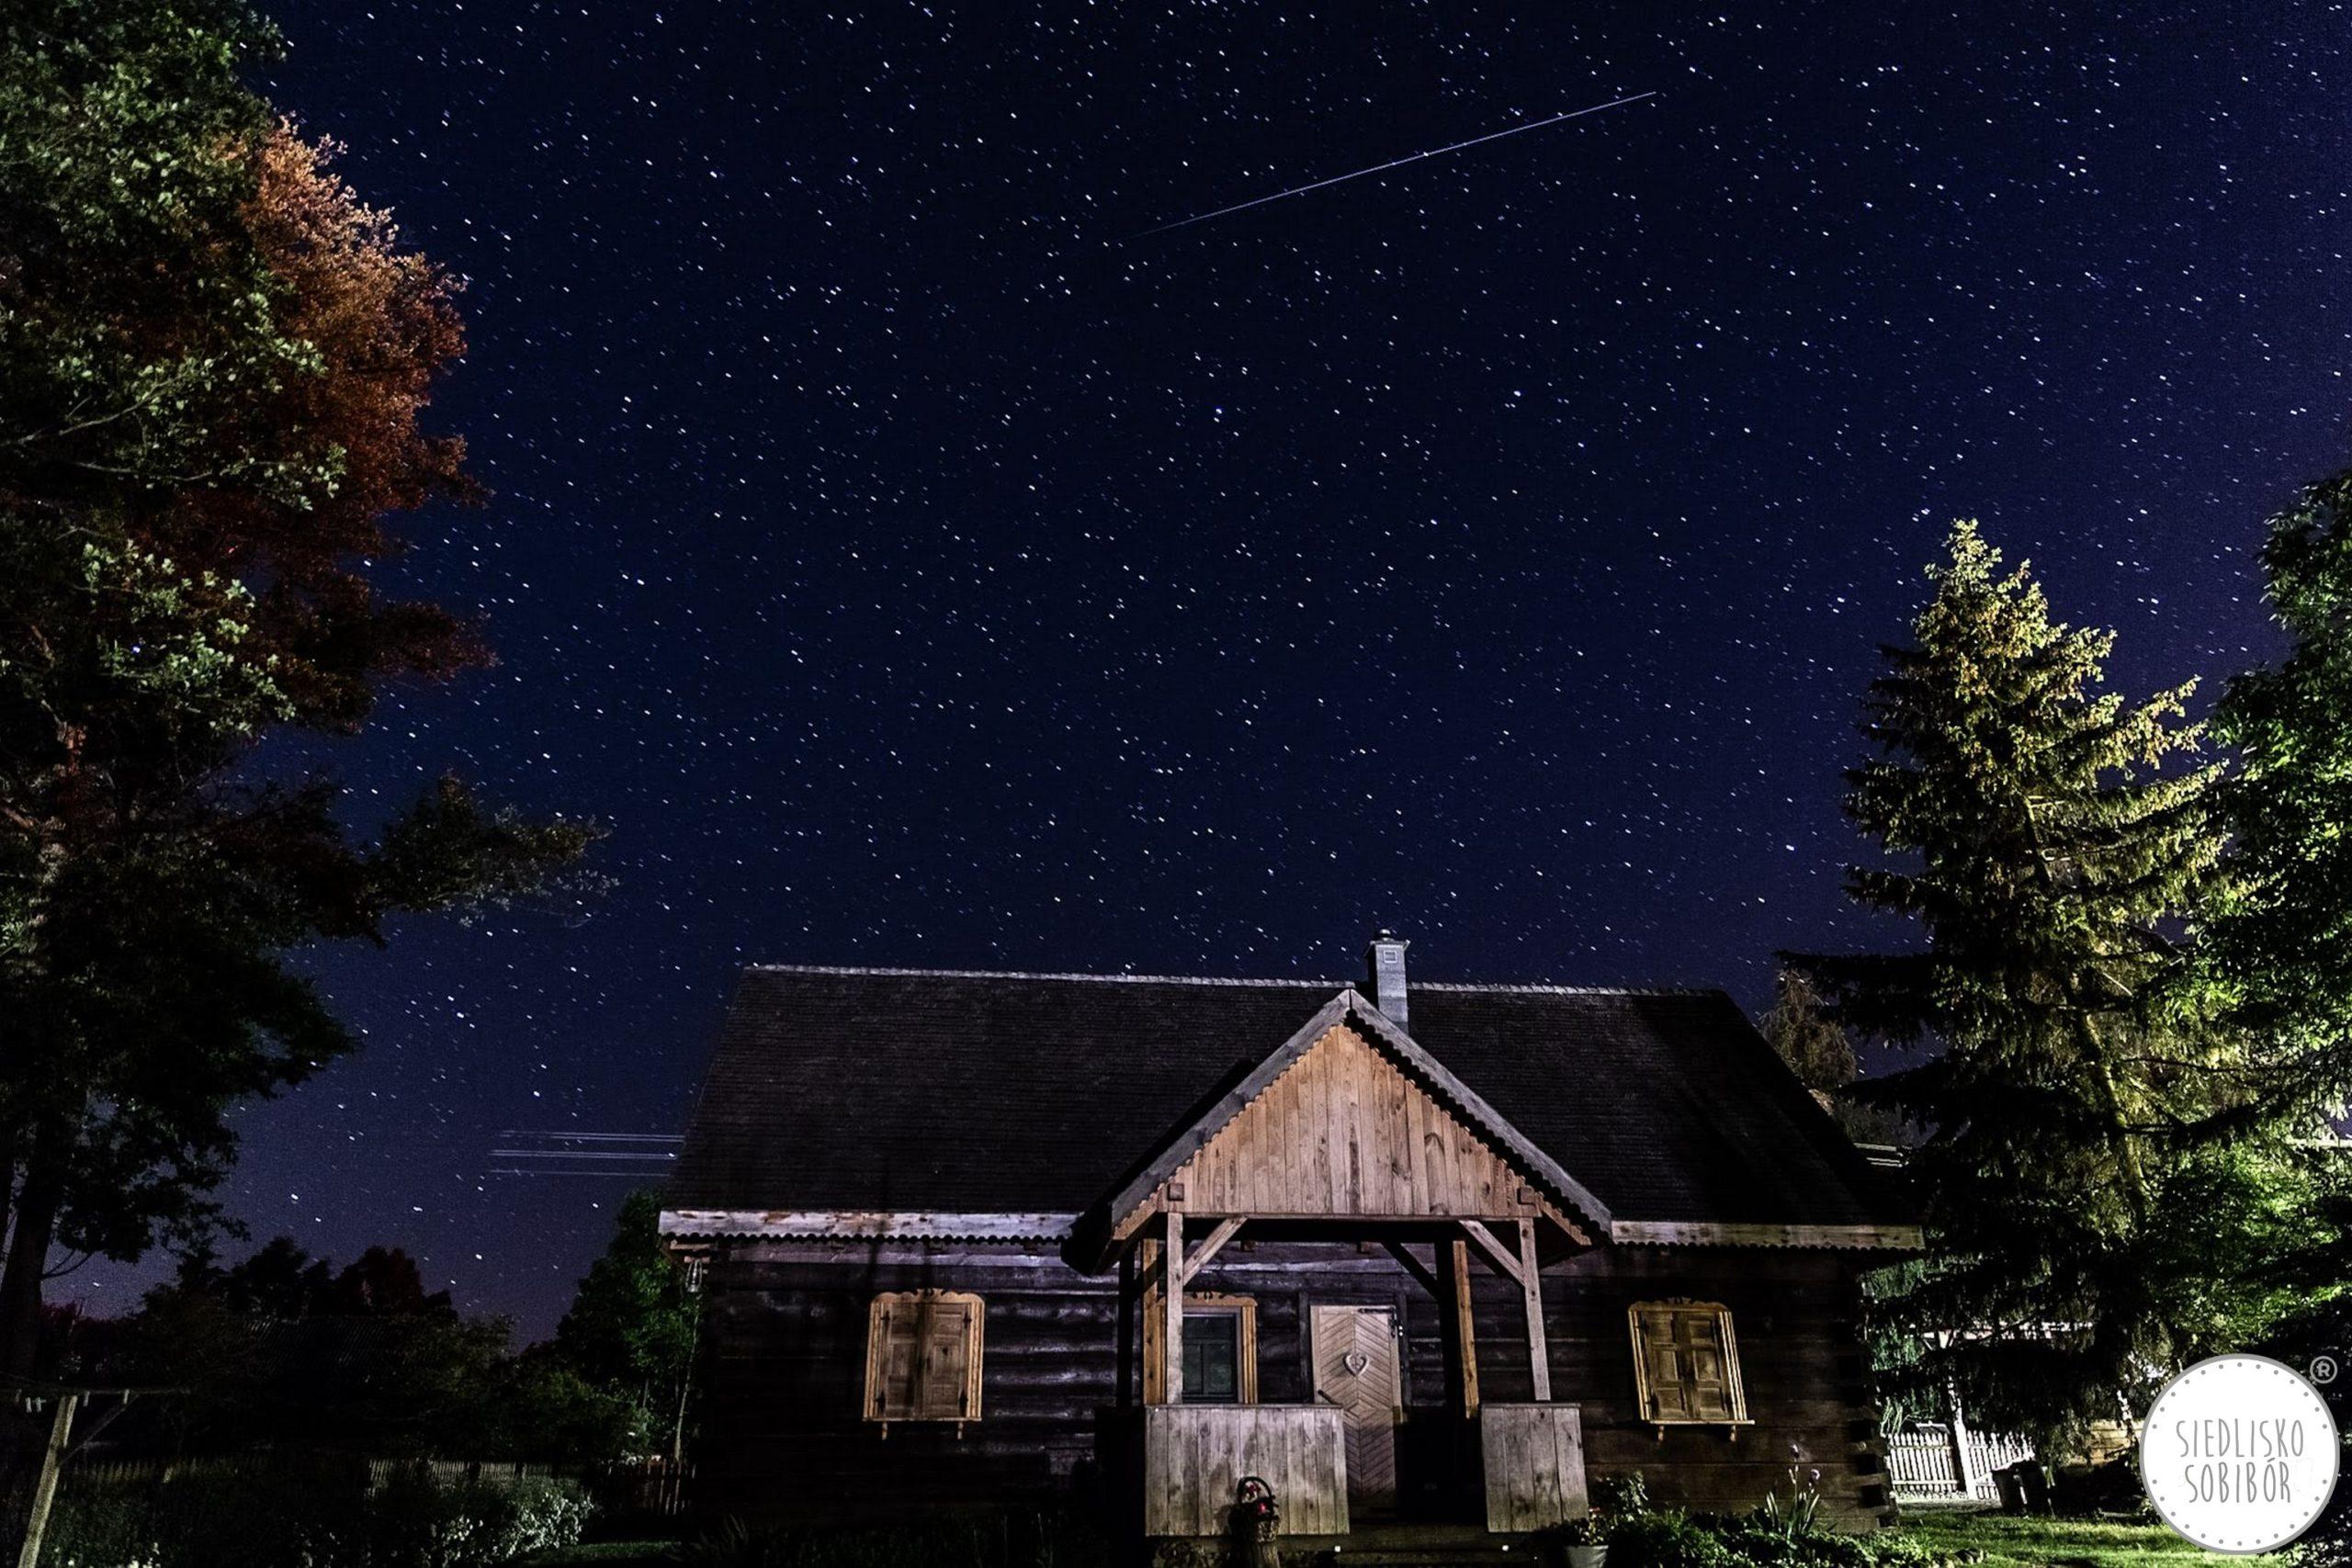 Gwiazdy i astroturystyka